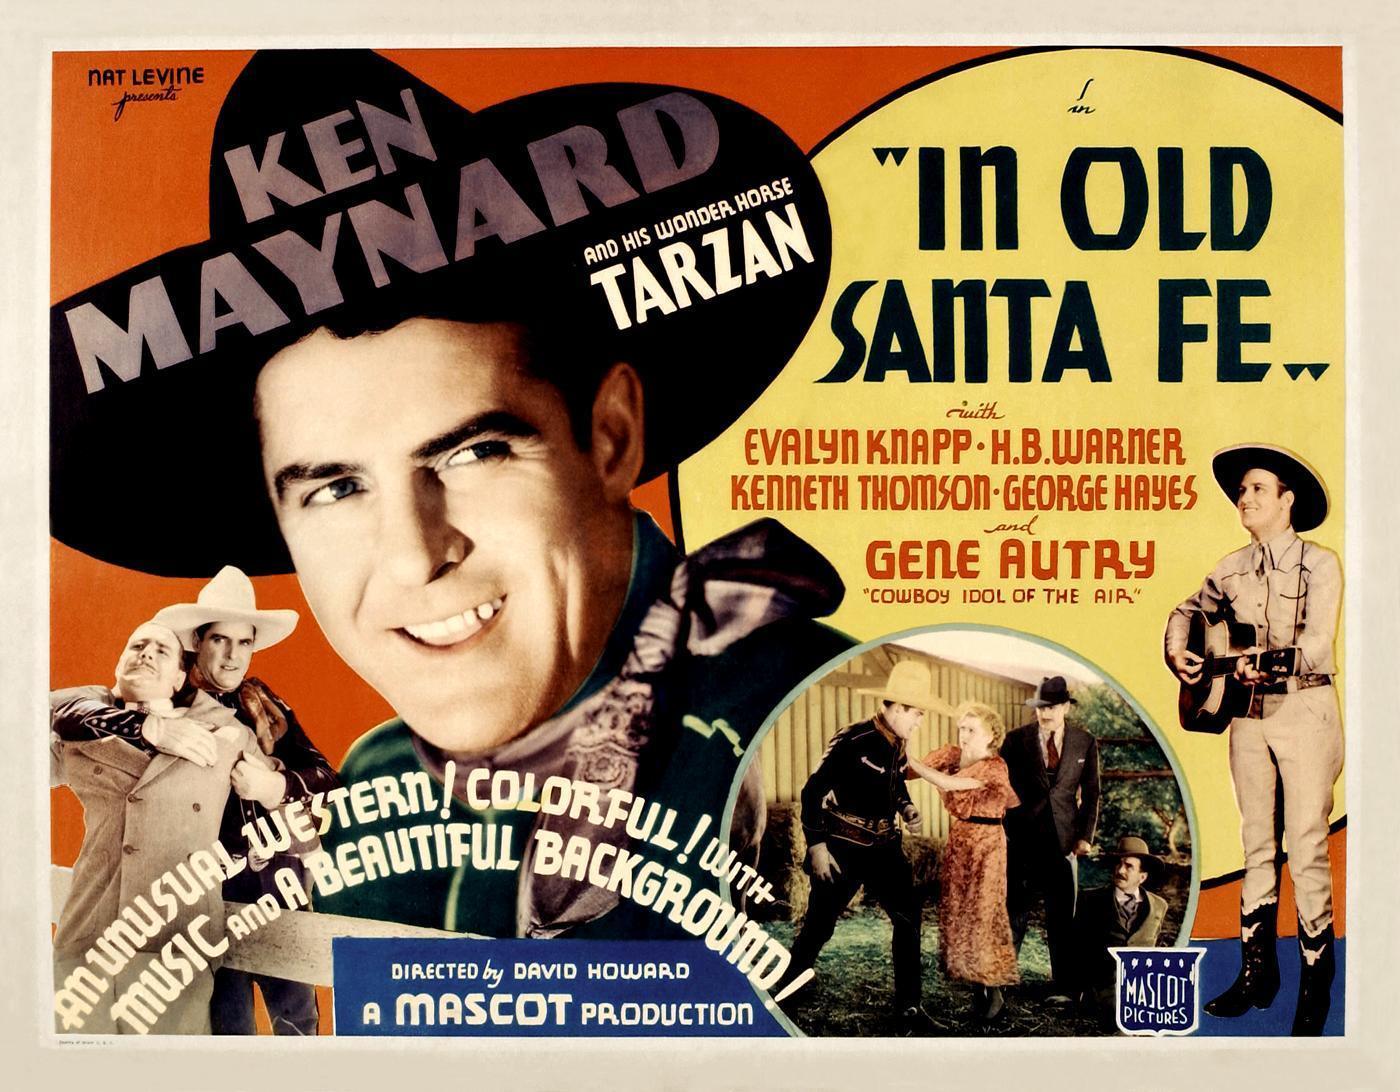 Gene Autry, Evalyn Knapp, Ken Maynard, Wheeler Oakman, and Kenneth Thomson in In Old Santa Fe (1934)